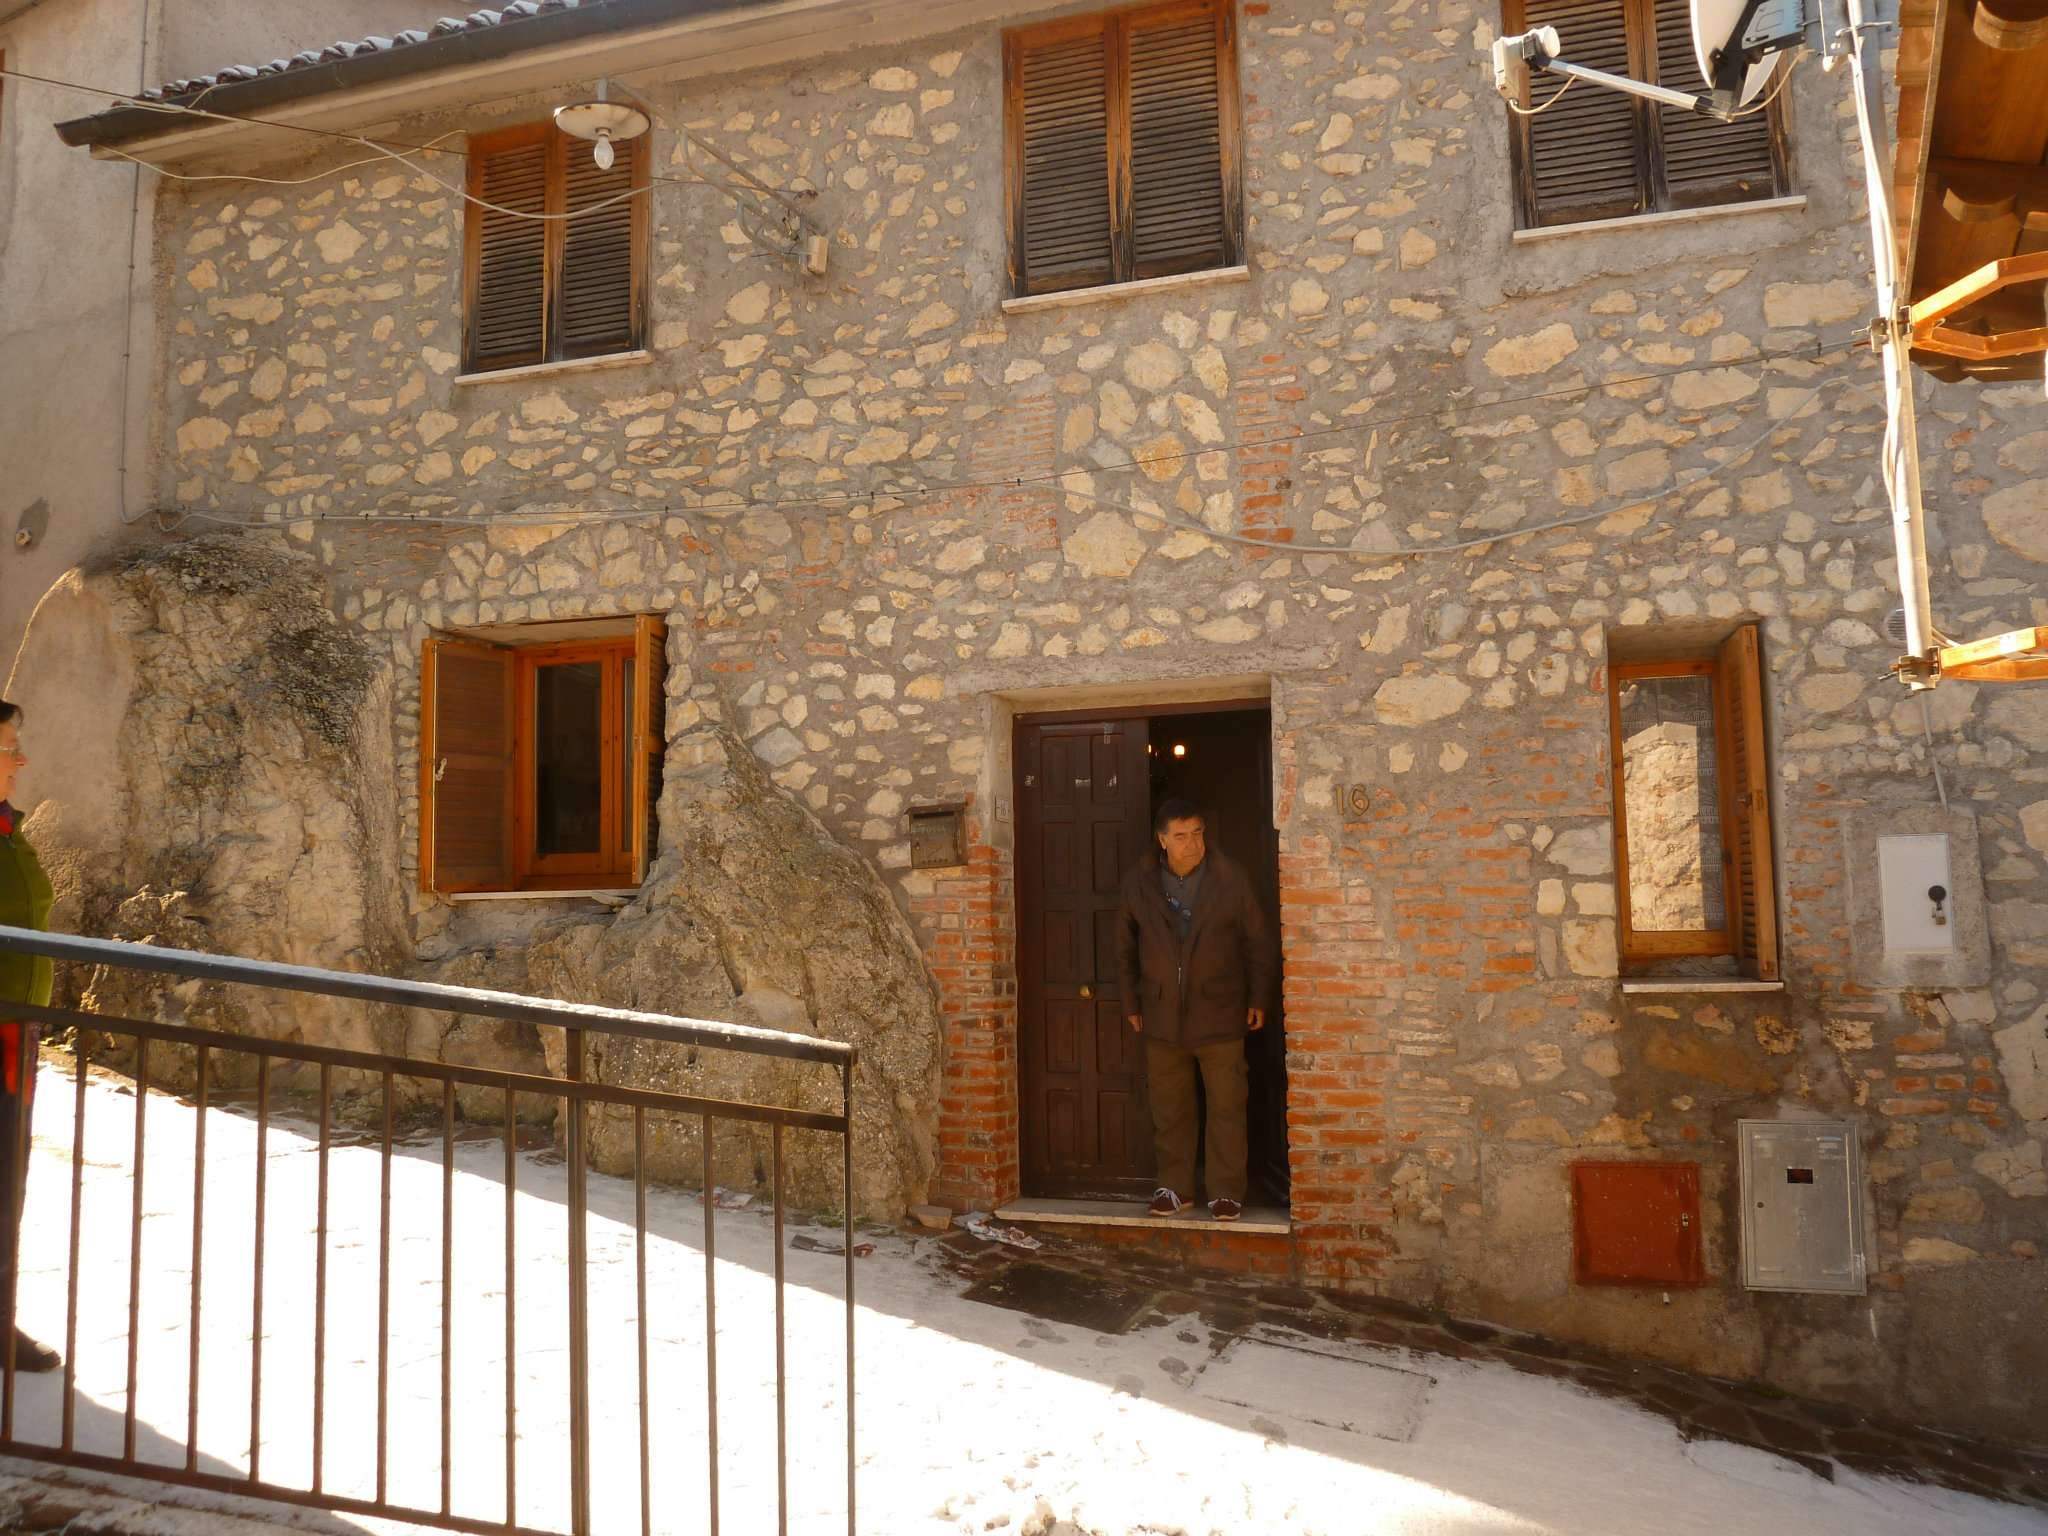 Appartamento in vendita a Vallinfreda, 5 locali, prezzo € 80.000 | CambioCasa.it